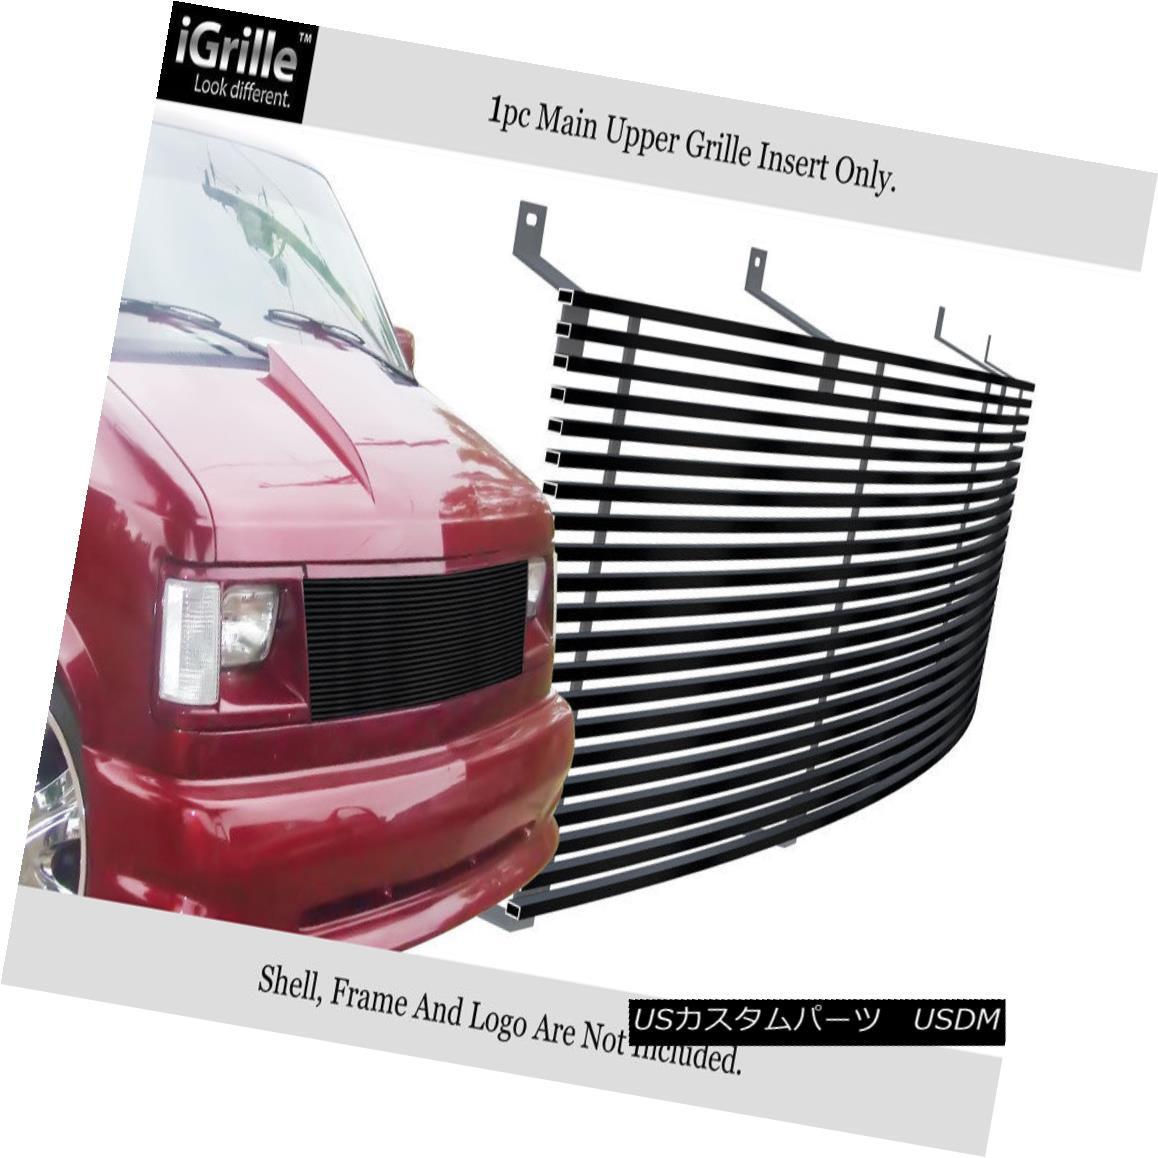 グリル Fits 85-94 Chevy Astro Van/ GMC Safari Van Black Stainless Steel Billet Grille フィット85-94チェビーアストロバン/ GMCサファリヴァンブラックステンレス鋼ビレットグリル